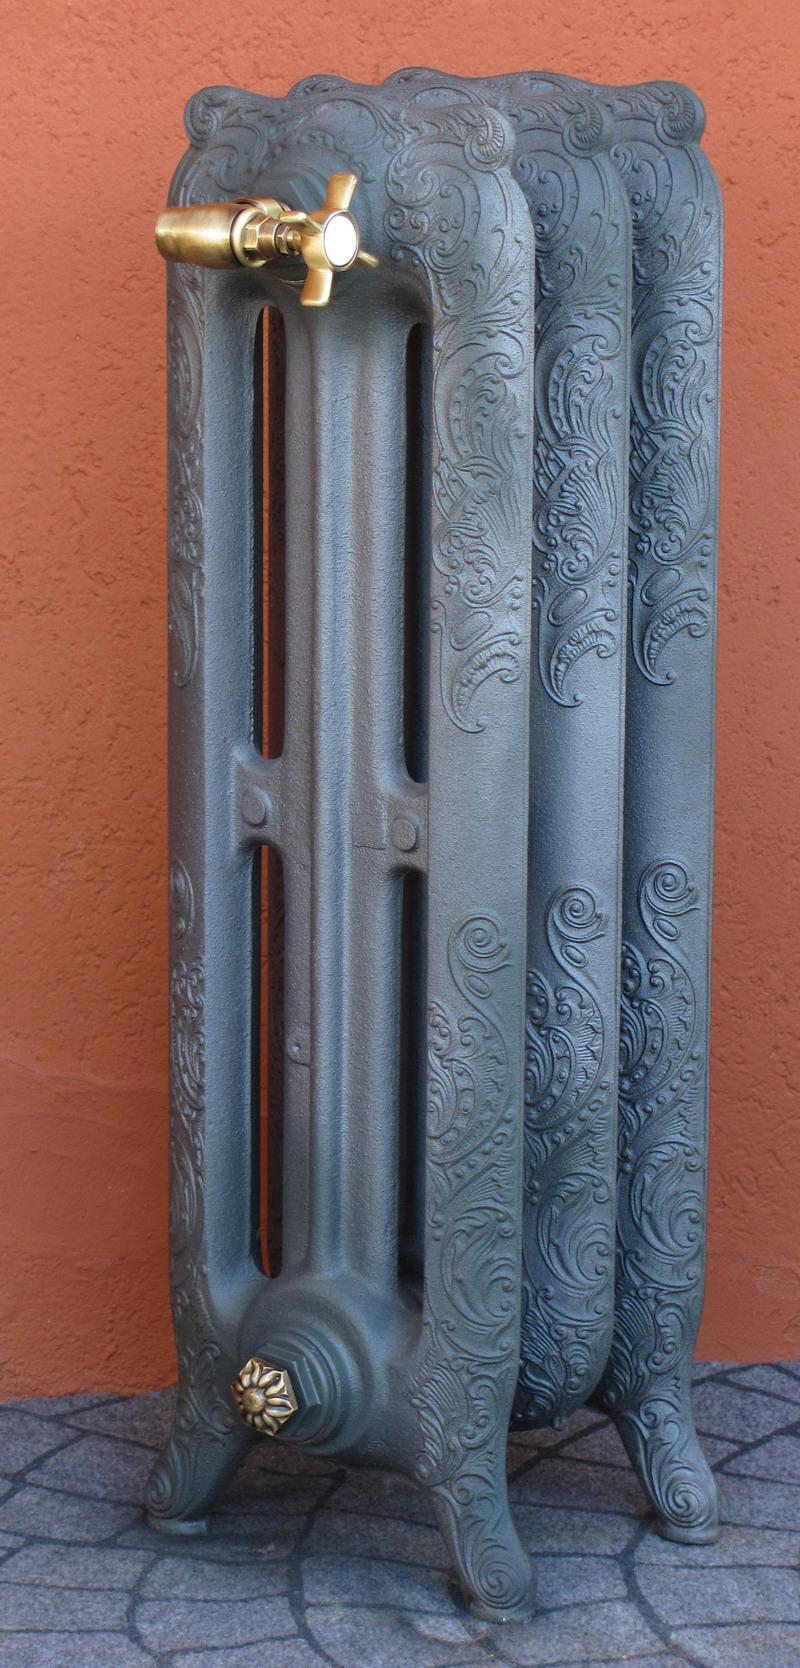 Radiatore in ghisa stile tiffany decoratofonderia innocenti for Calorifero d arredo